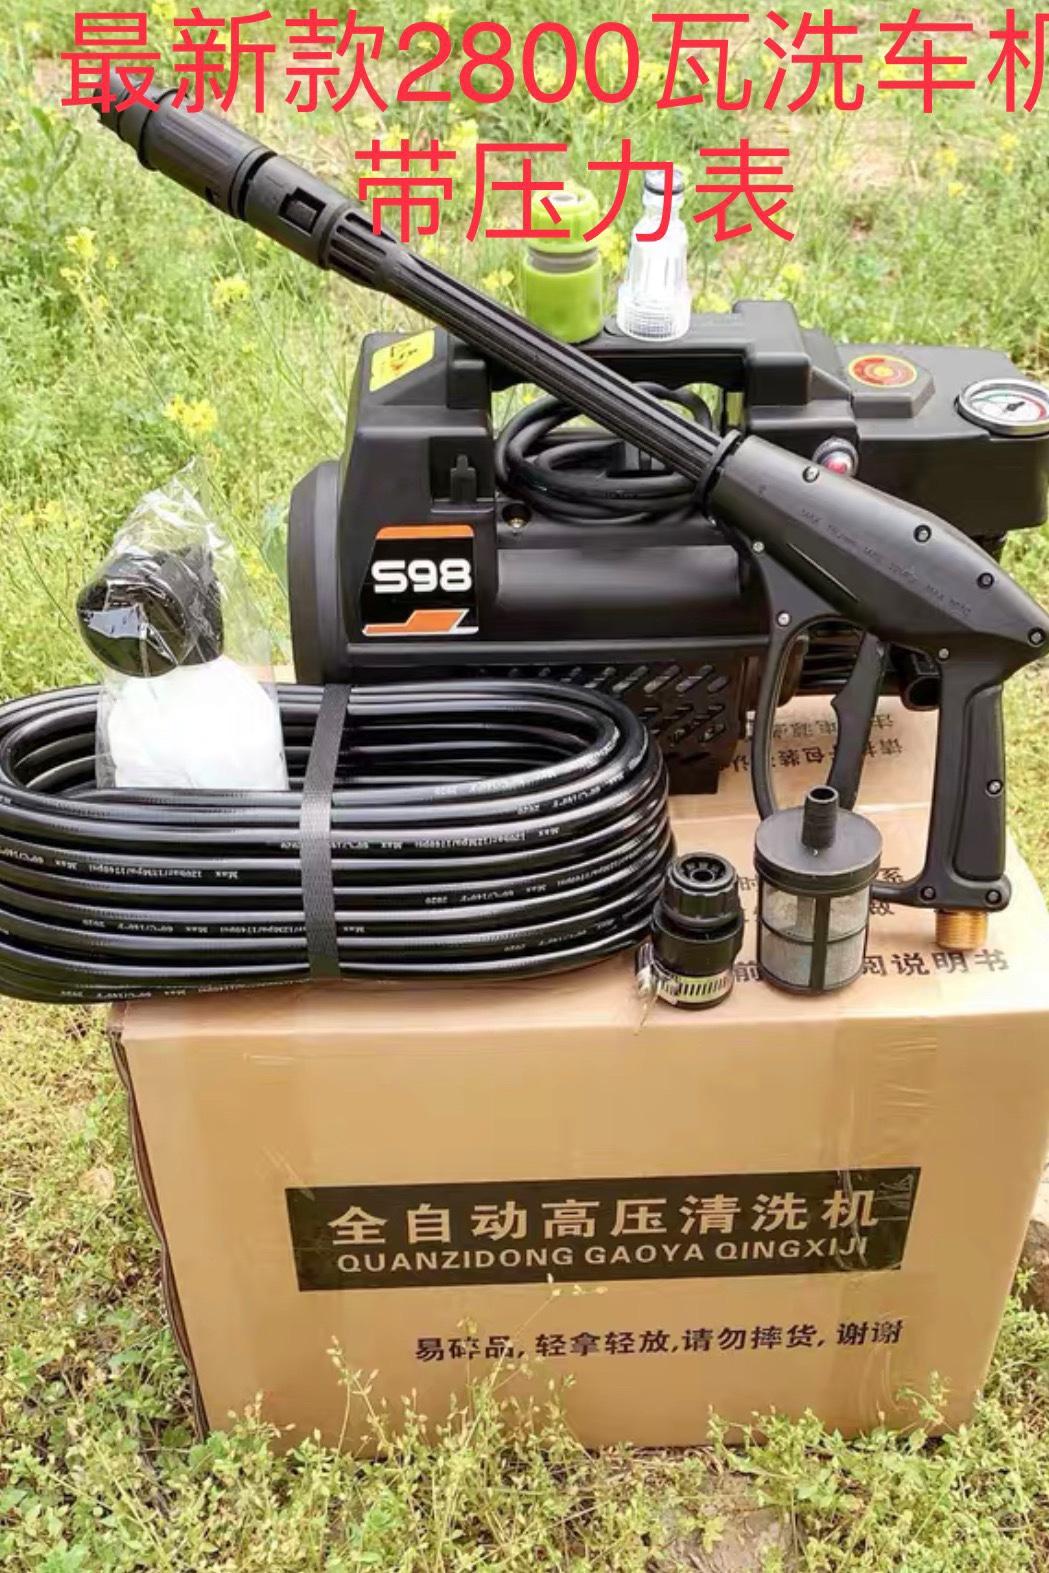 凱猫高圧全自動洗車機の家庭用220 Vブラシの車のパワーは蛇口を吸い込みます。